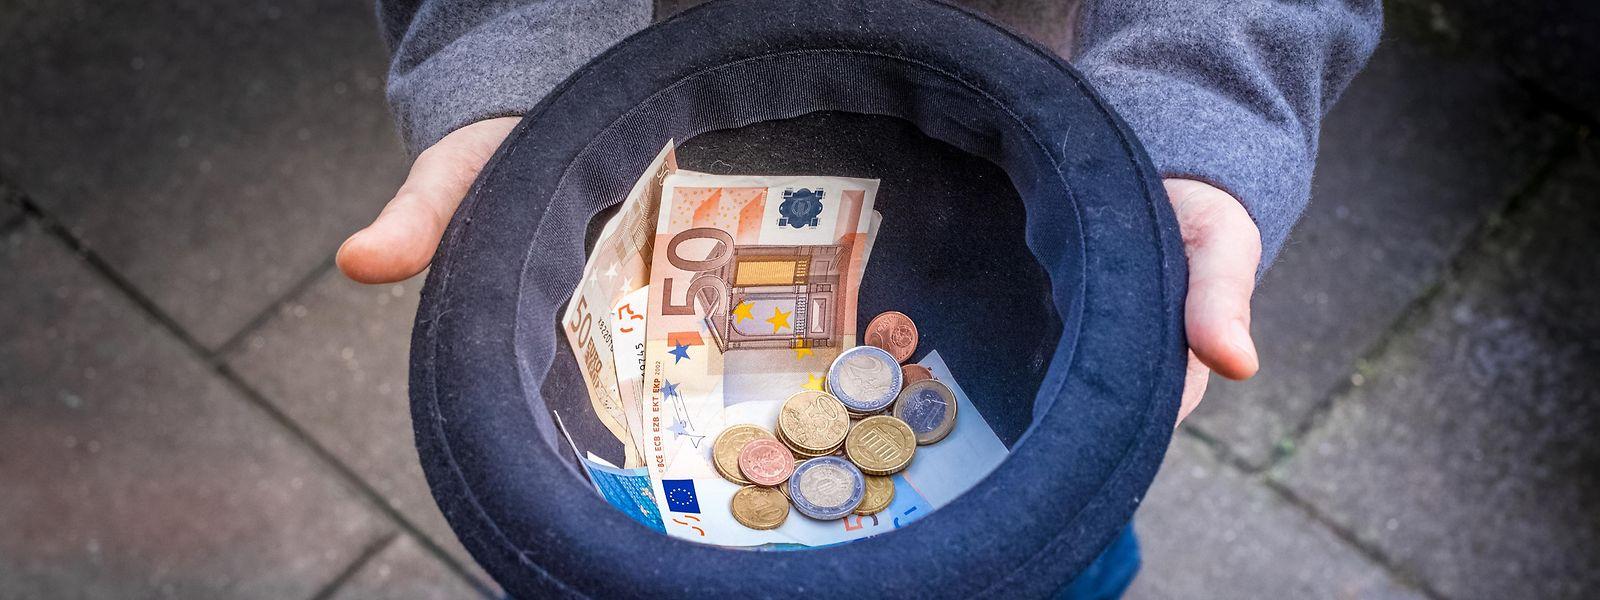 Stehen die Silbermünzen für das, was jeder Mensch zum Leben braucht und wofür es keine Maßeinheit und keine Lohntabelle gibt?